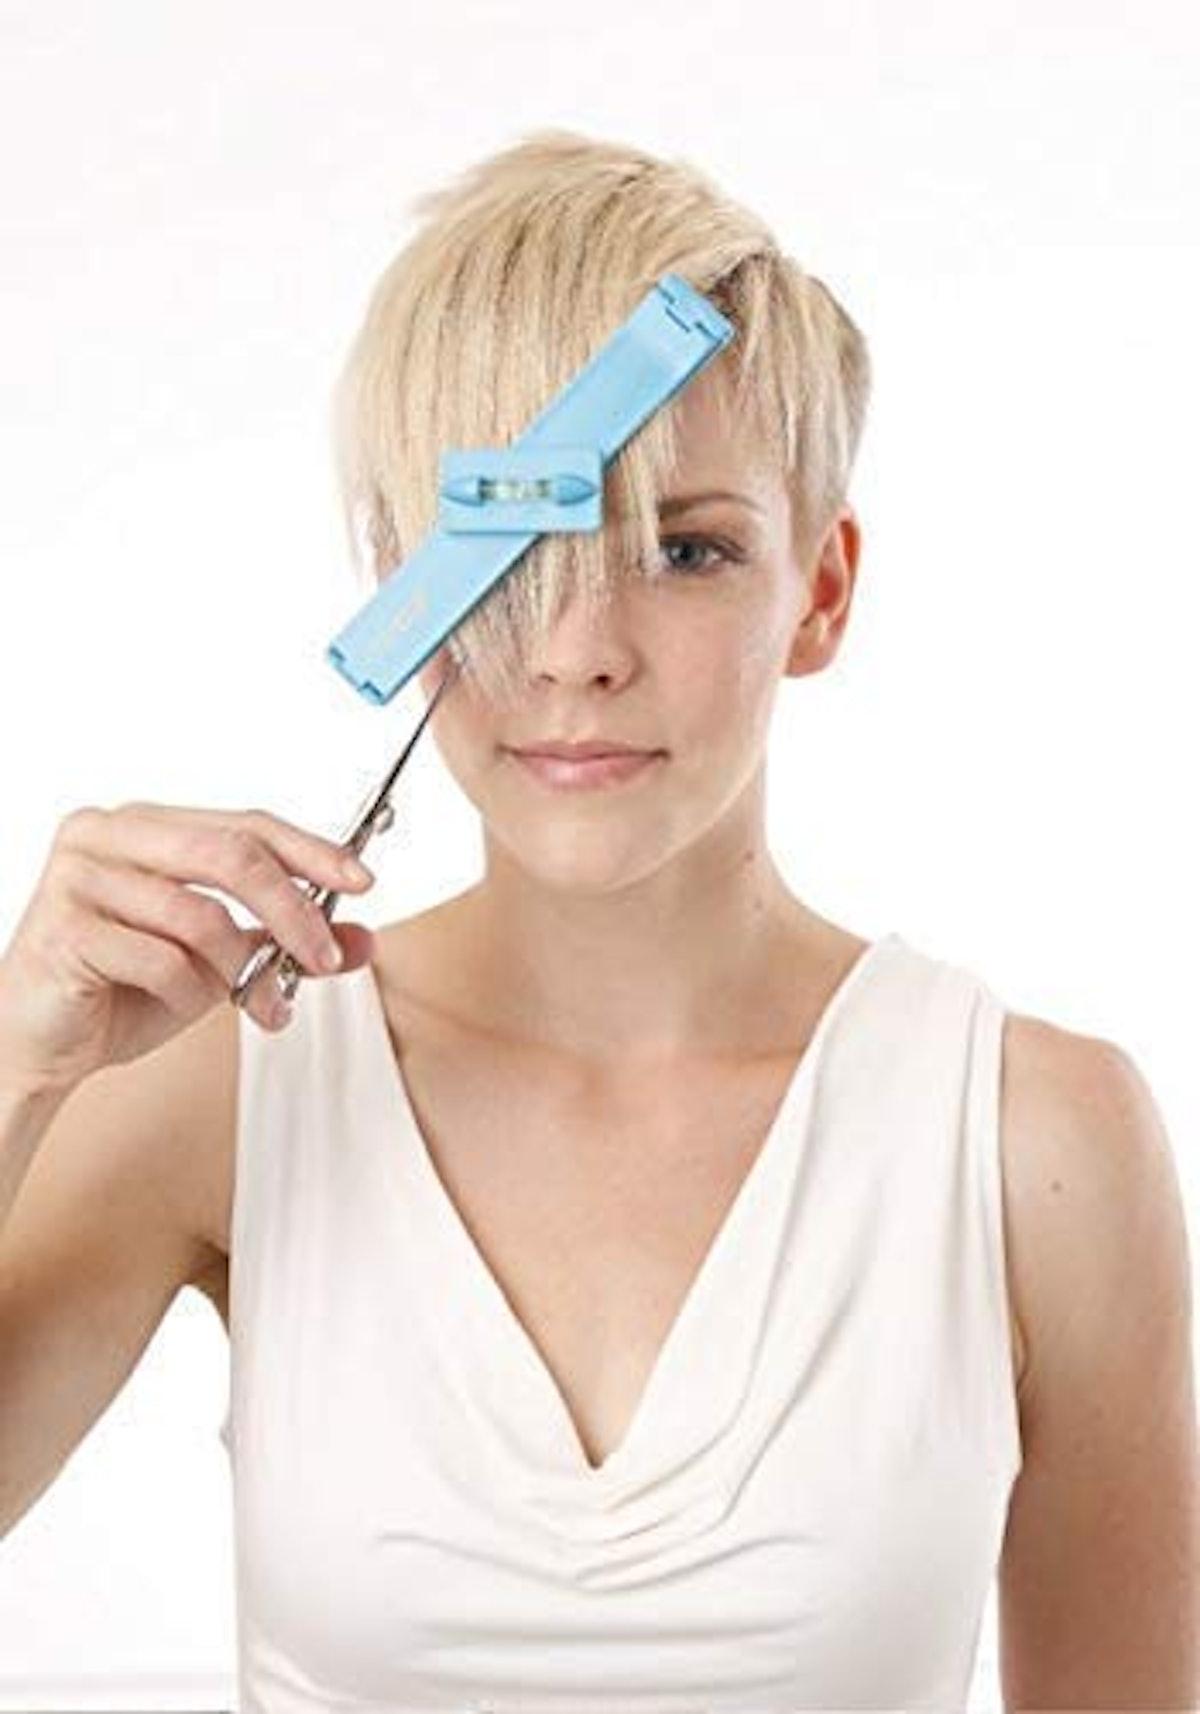 CreaClip Haircut Tool